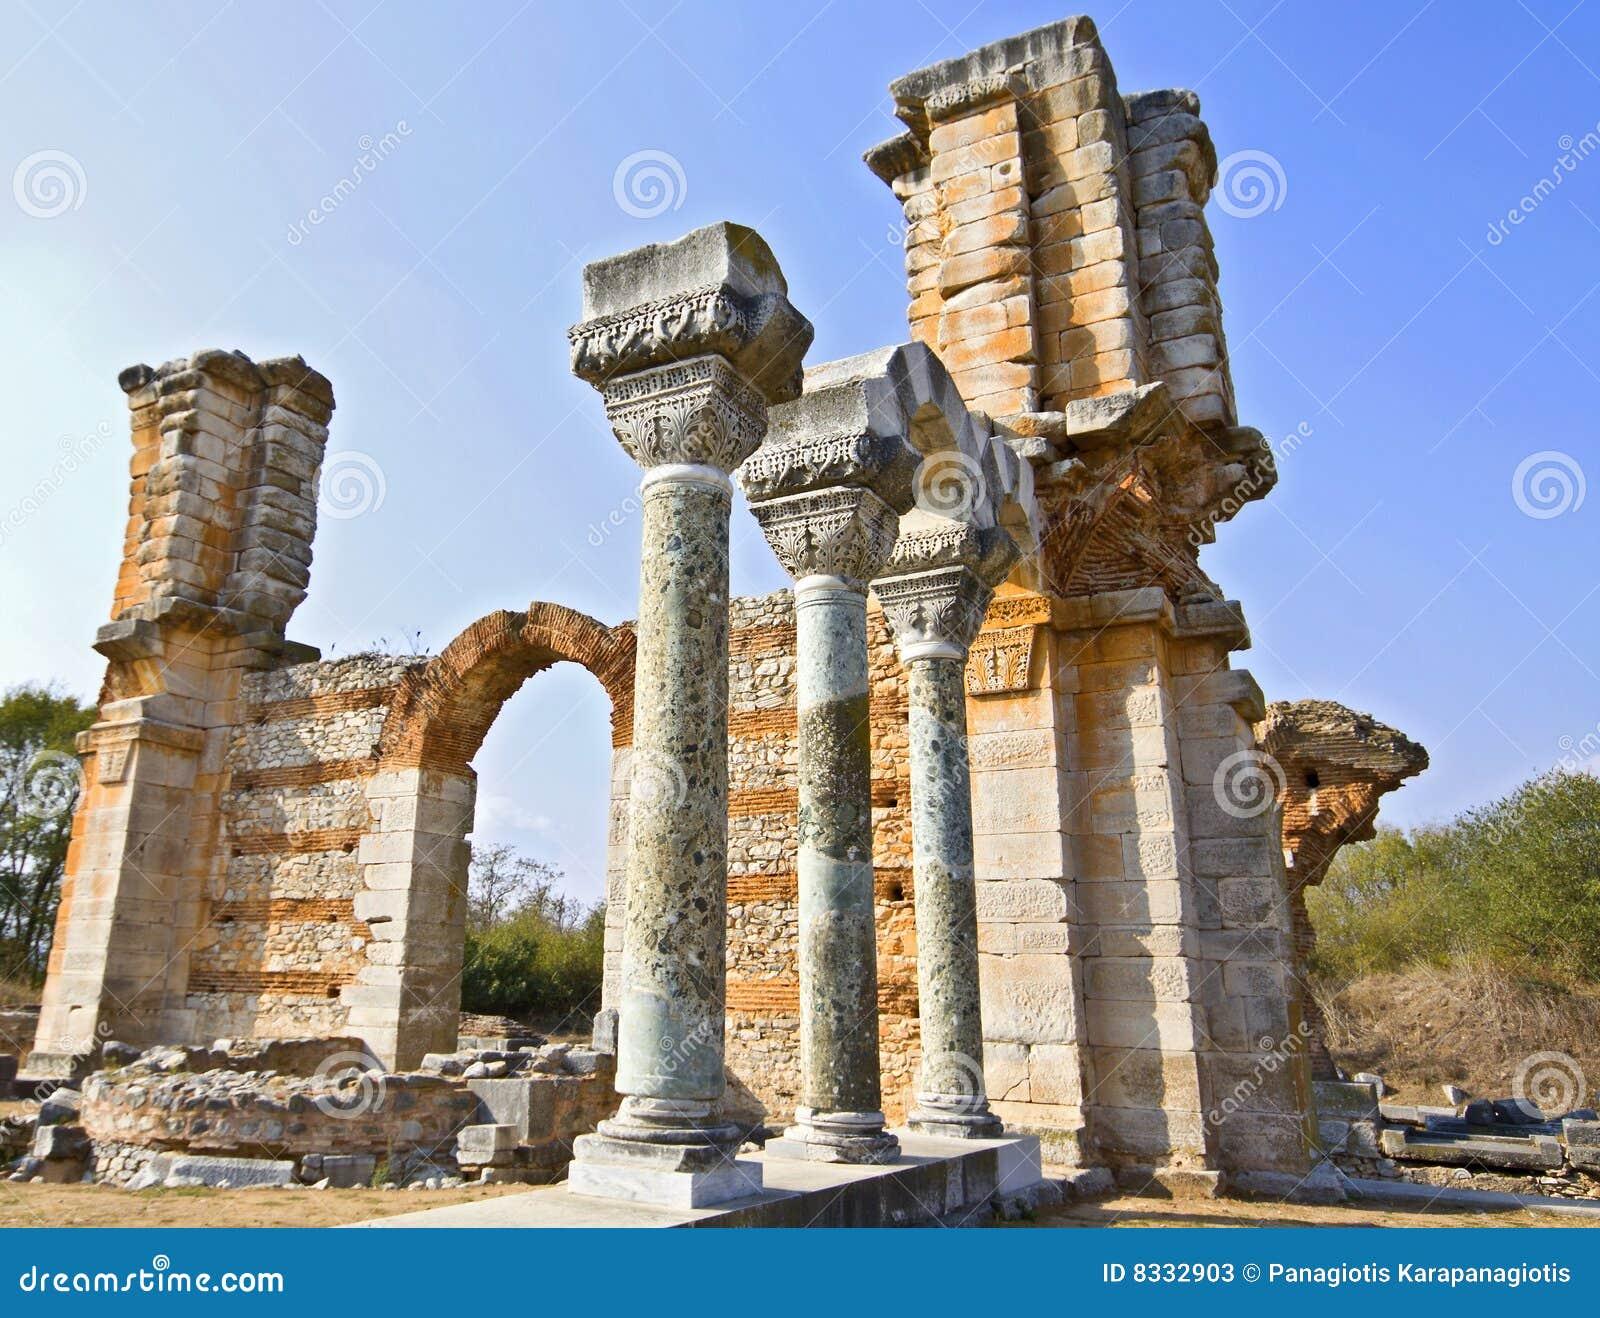 Oude griekse tempel stock afbeelding afbeelding bestaande uit zeegebied 8332903 - Oude griekse decoratie ...